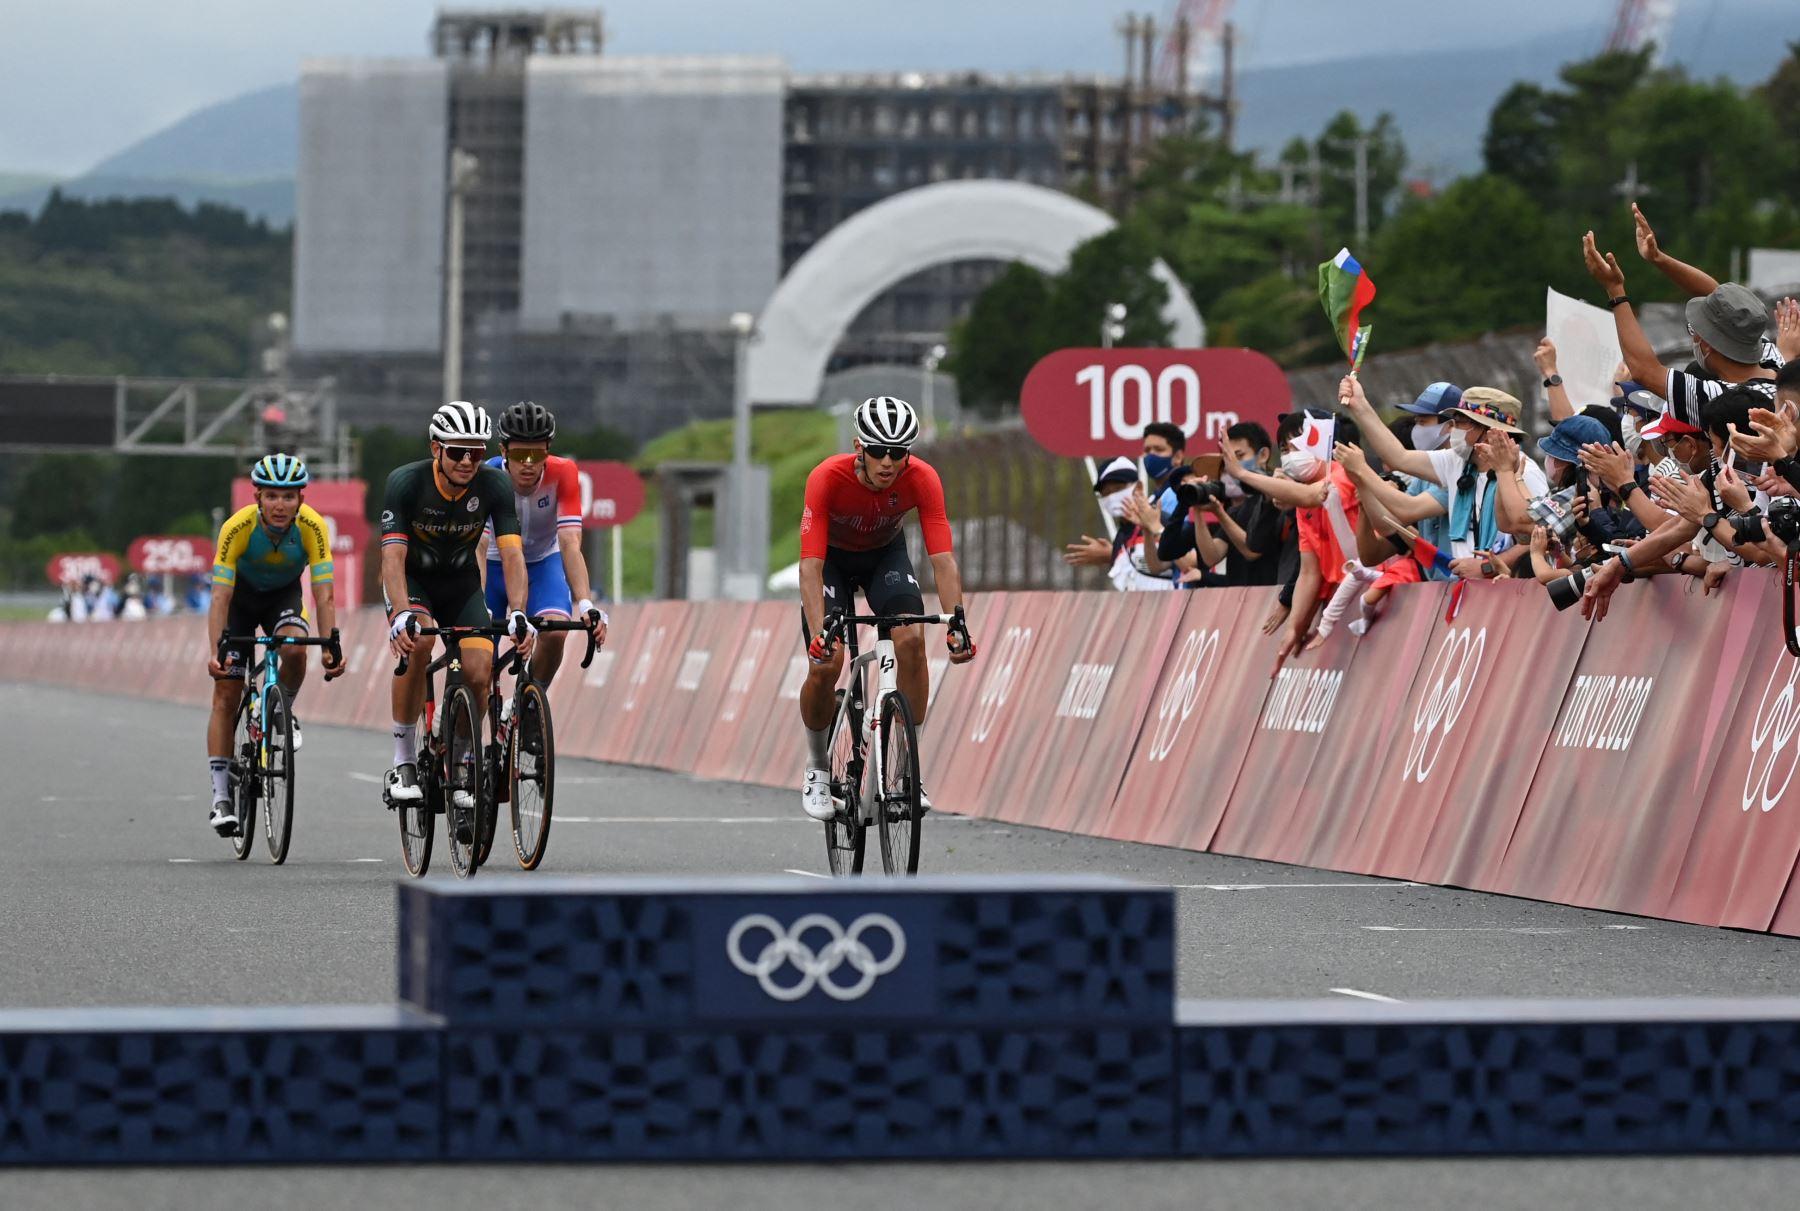 Los finalistas llegan después de la instalación del podio para la ceremonia de entrega de medallas de la carrera de ciclismo en ruta masculino de los Juegos Olímpicos de Tokio 2020, en el Fuji International Speedway en Oyama, Japón. Foto: AFP